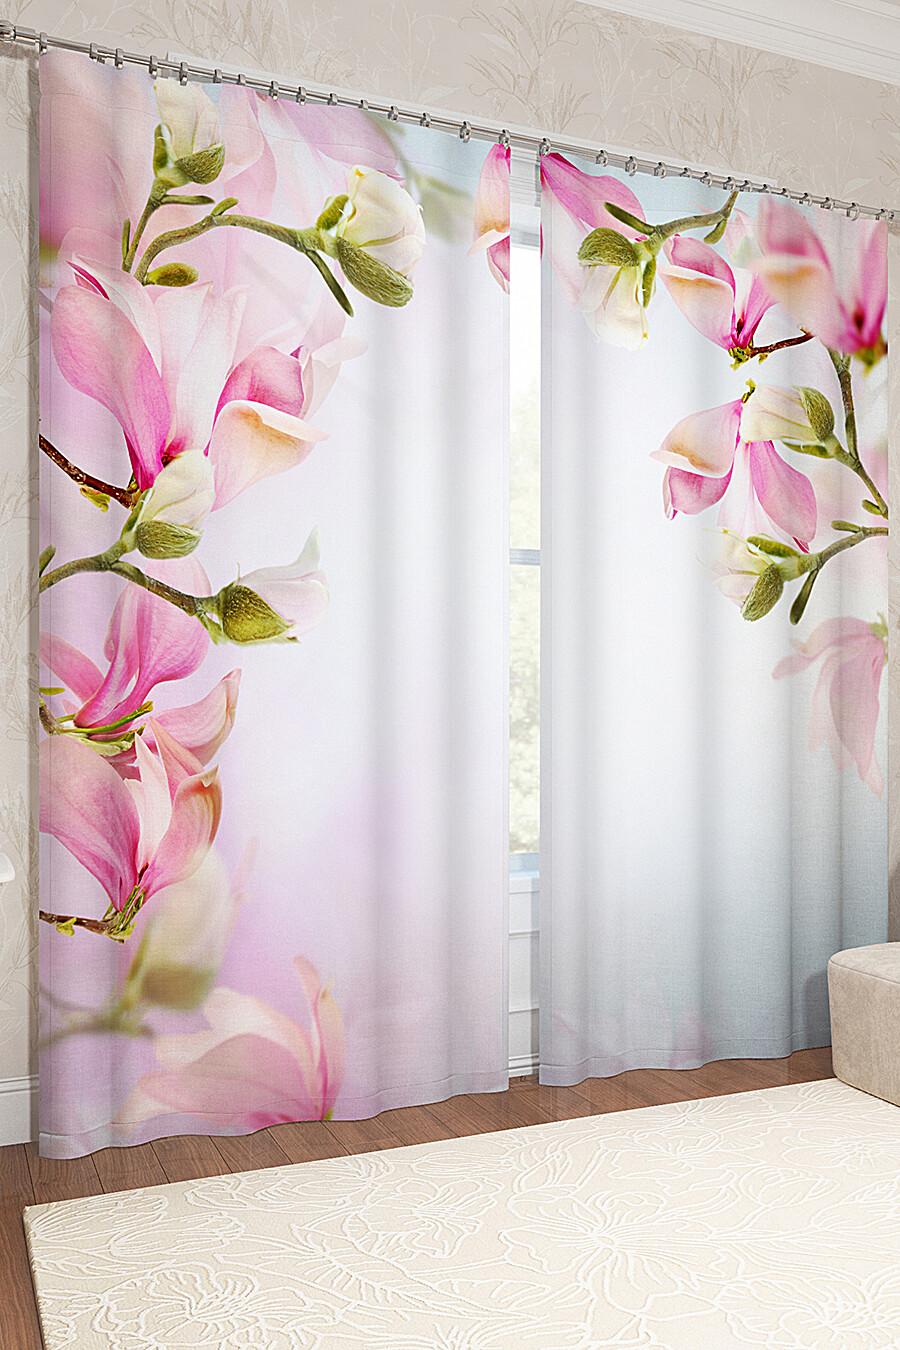 Фотошторы для дома ART HOME TEXTILE 123843 купить оптом от производителя. Совместная покупка товаров для дома в OptMoyo